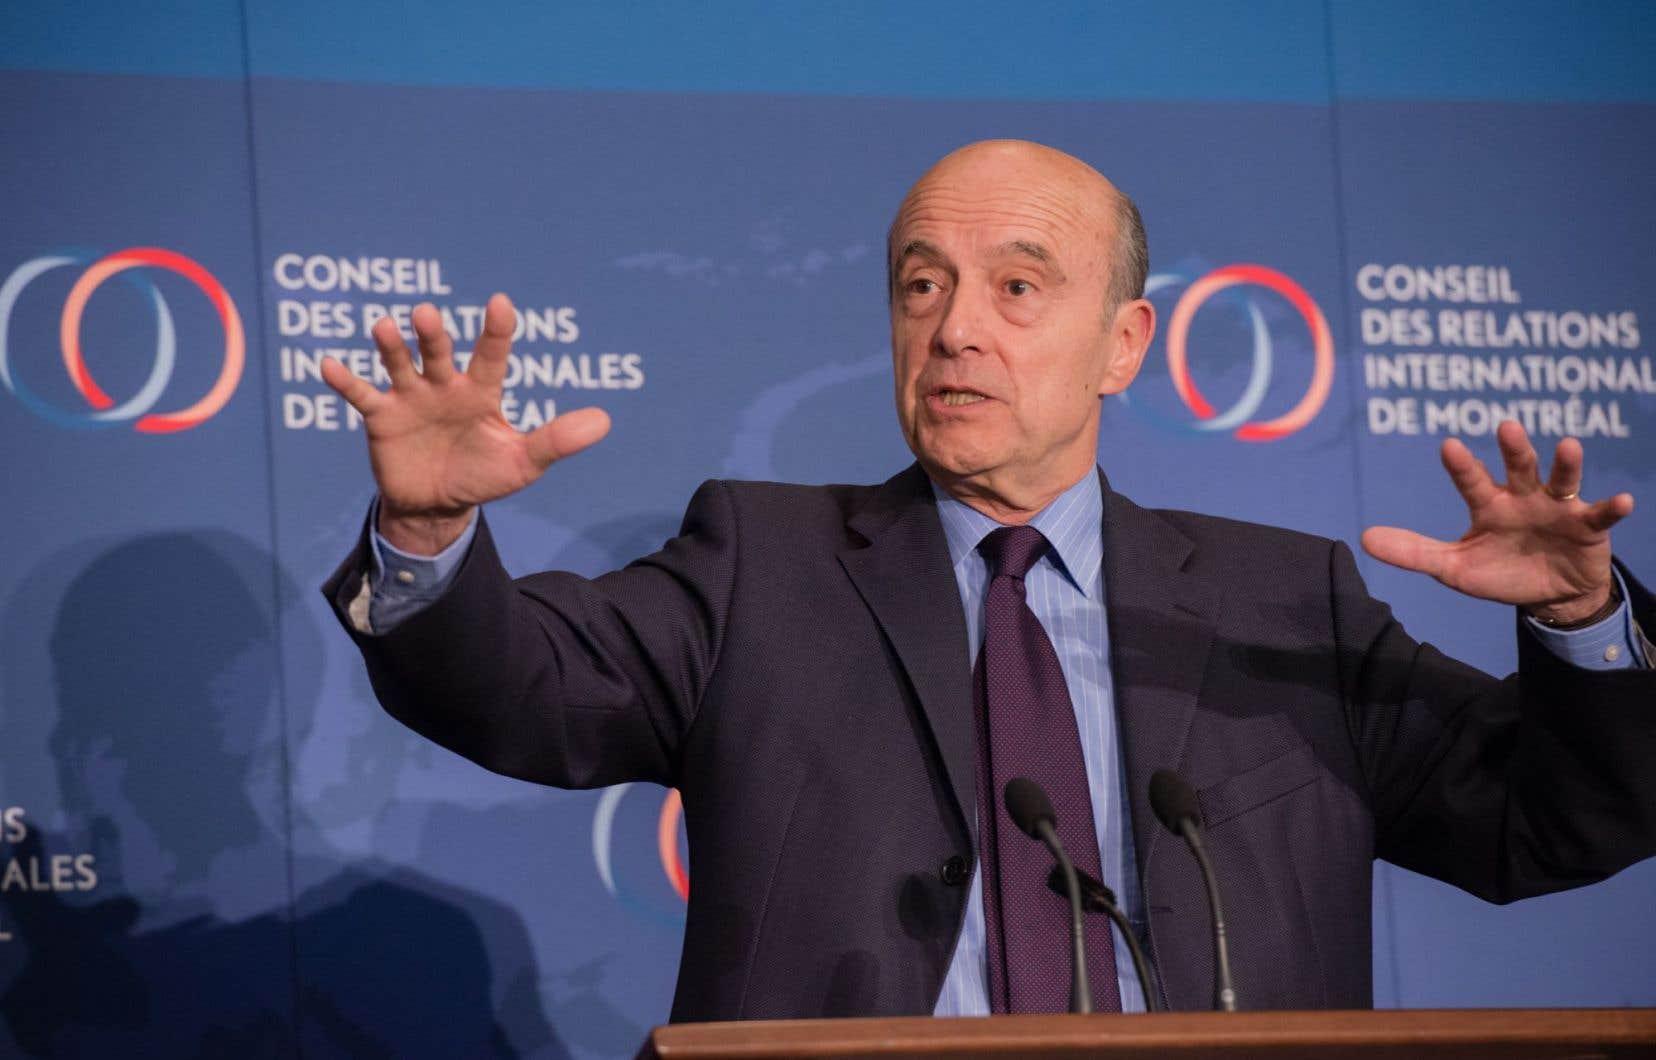 Le politicien français Alain Juppé, à Montréal mercredi, a assisté à une conférence devant le Conseil des relations internationales de Montréal (CORIM).